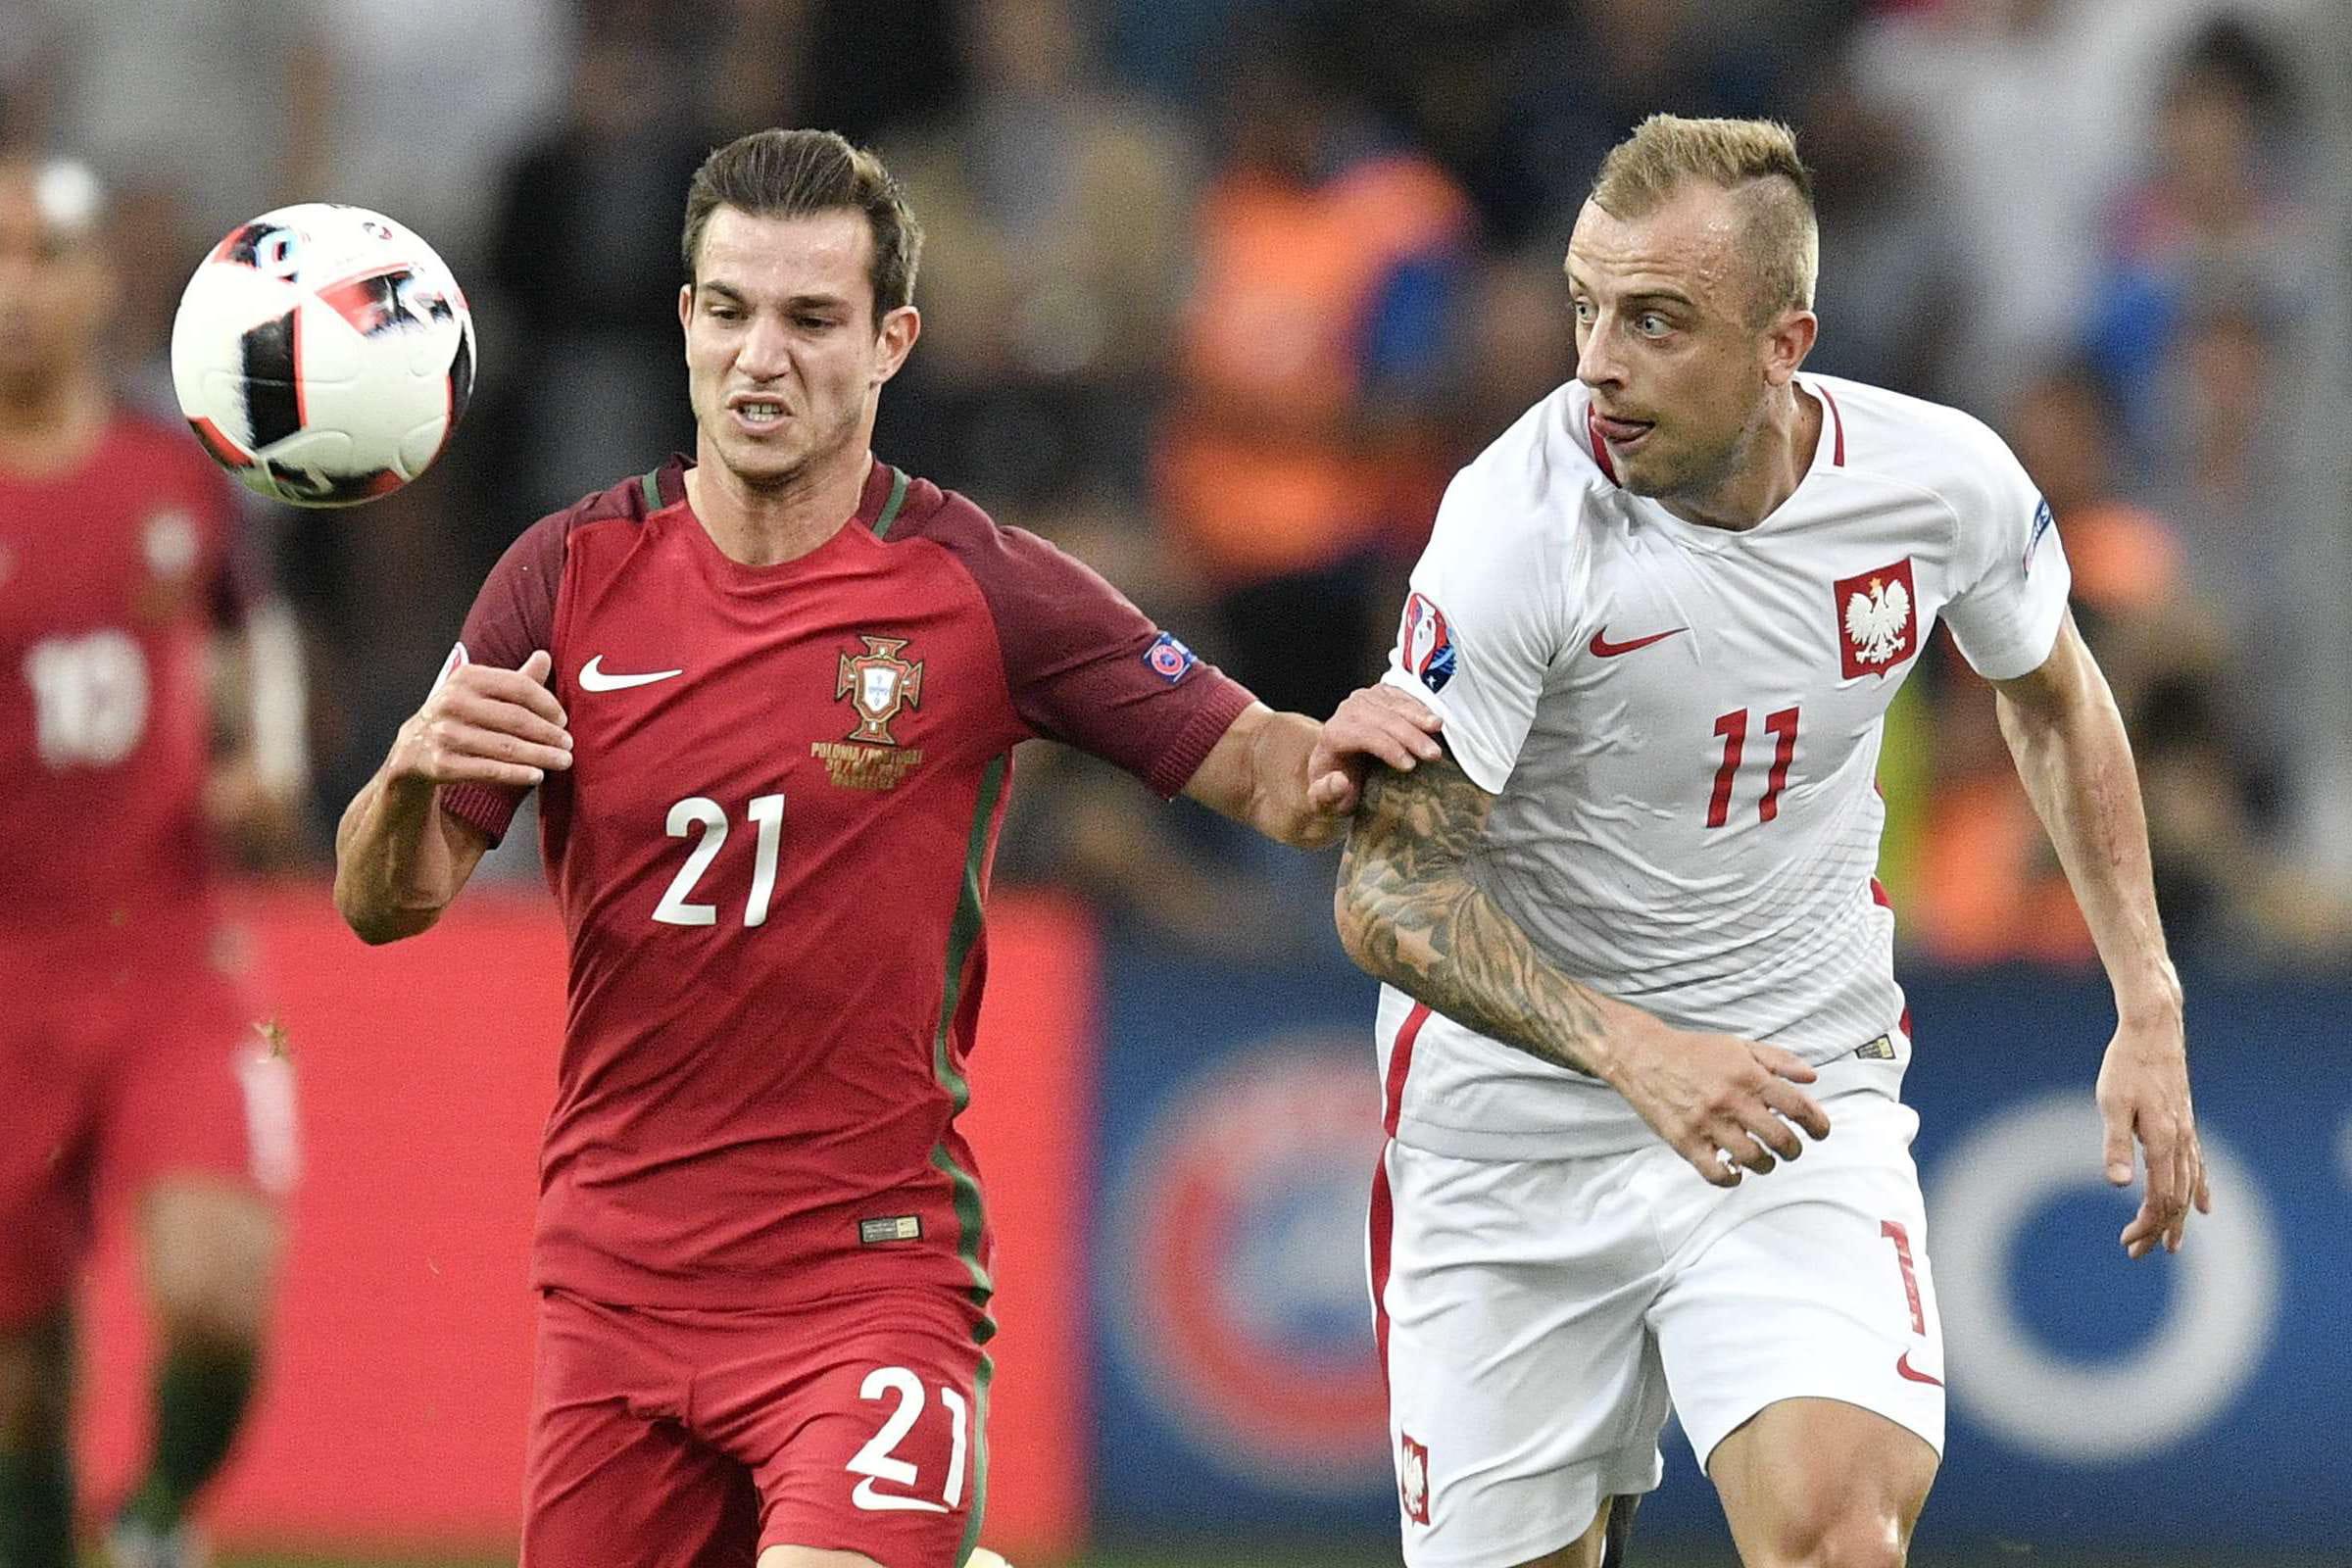 Pologne - Portugal [DIRECT] : le score du match en live ...